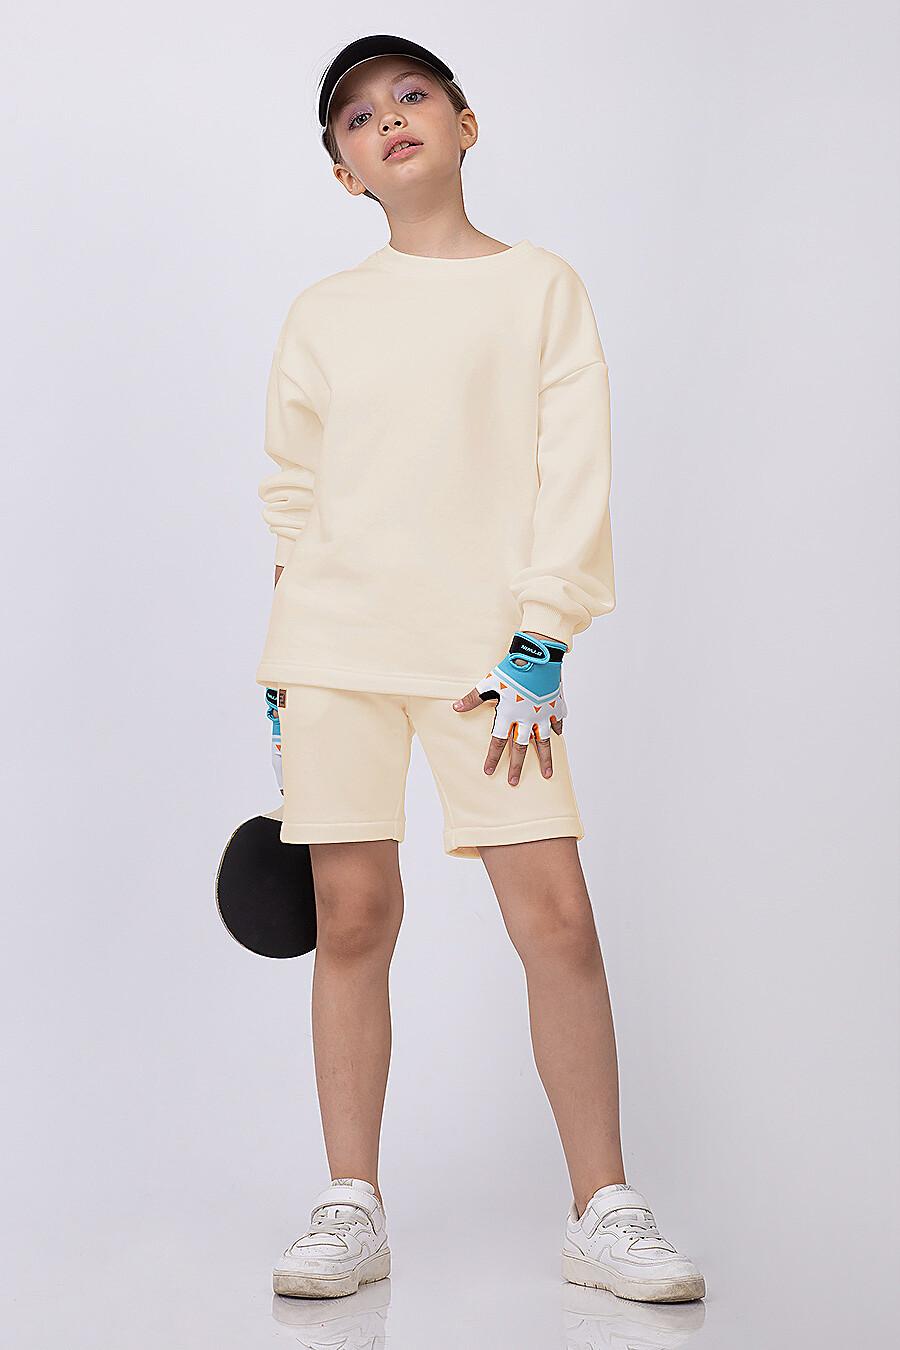 Костюм(Свитшот + Шорты) для девочек EZANNA 683222 купить оптом от производителя. Совместная покупка детской одежды в OptMoyo